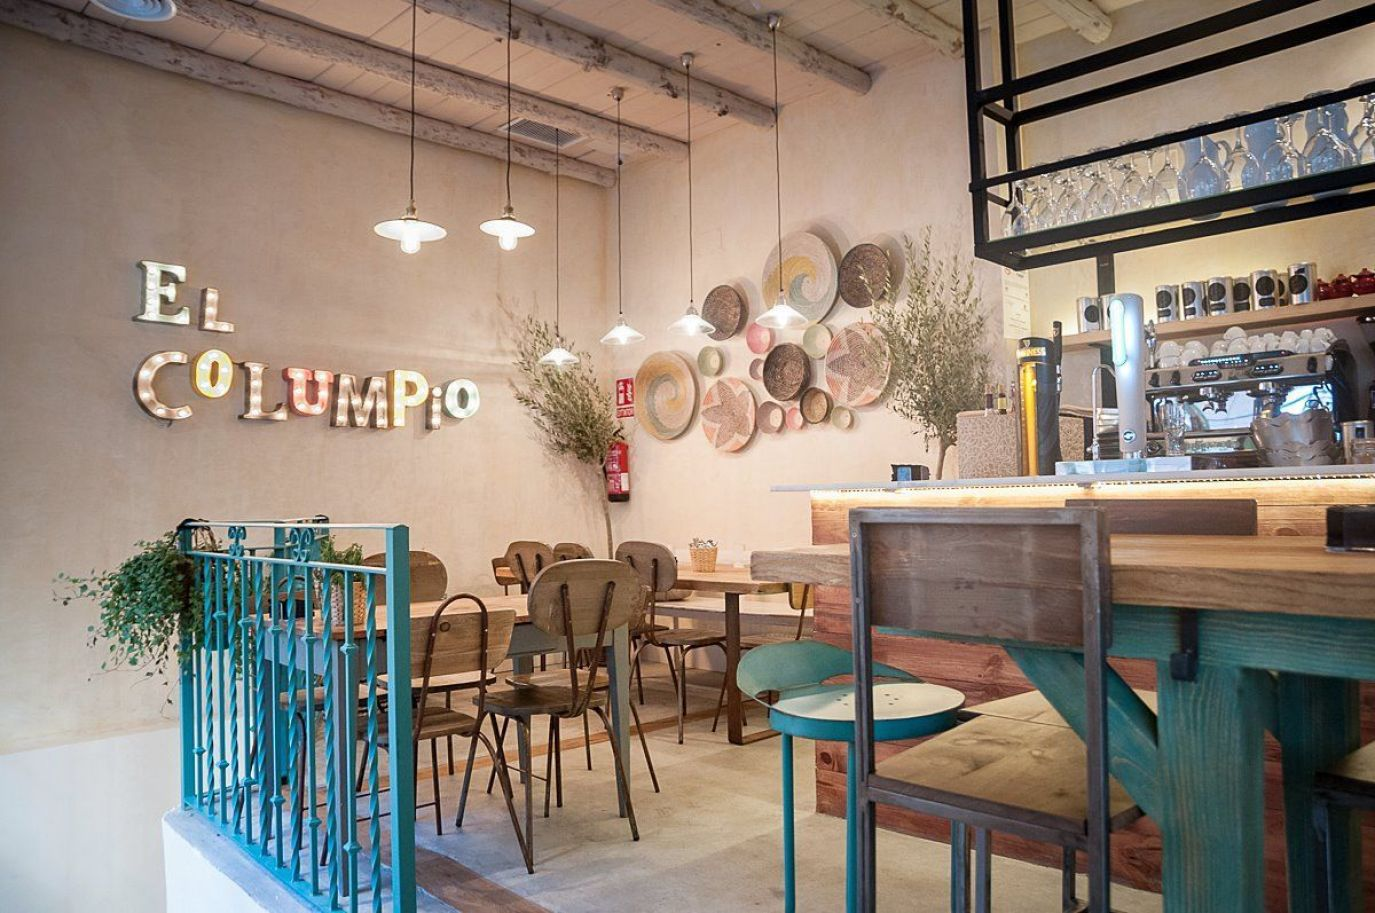 Resto Bar el columpio en Madrid de estilo vintage nórdico y rústico